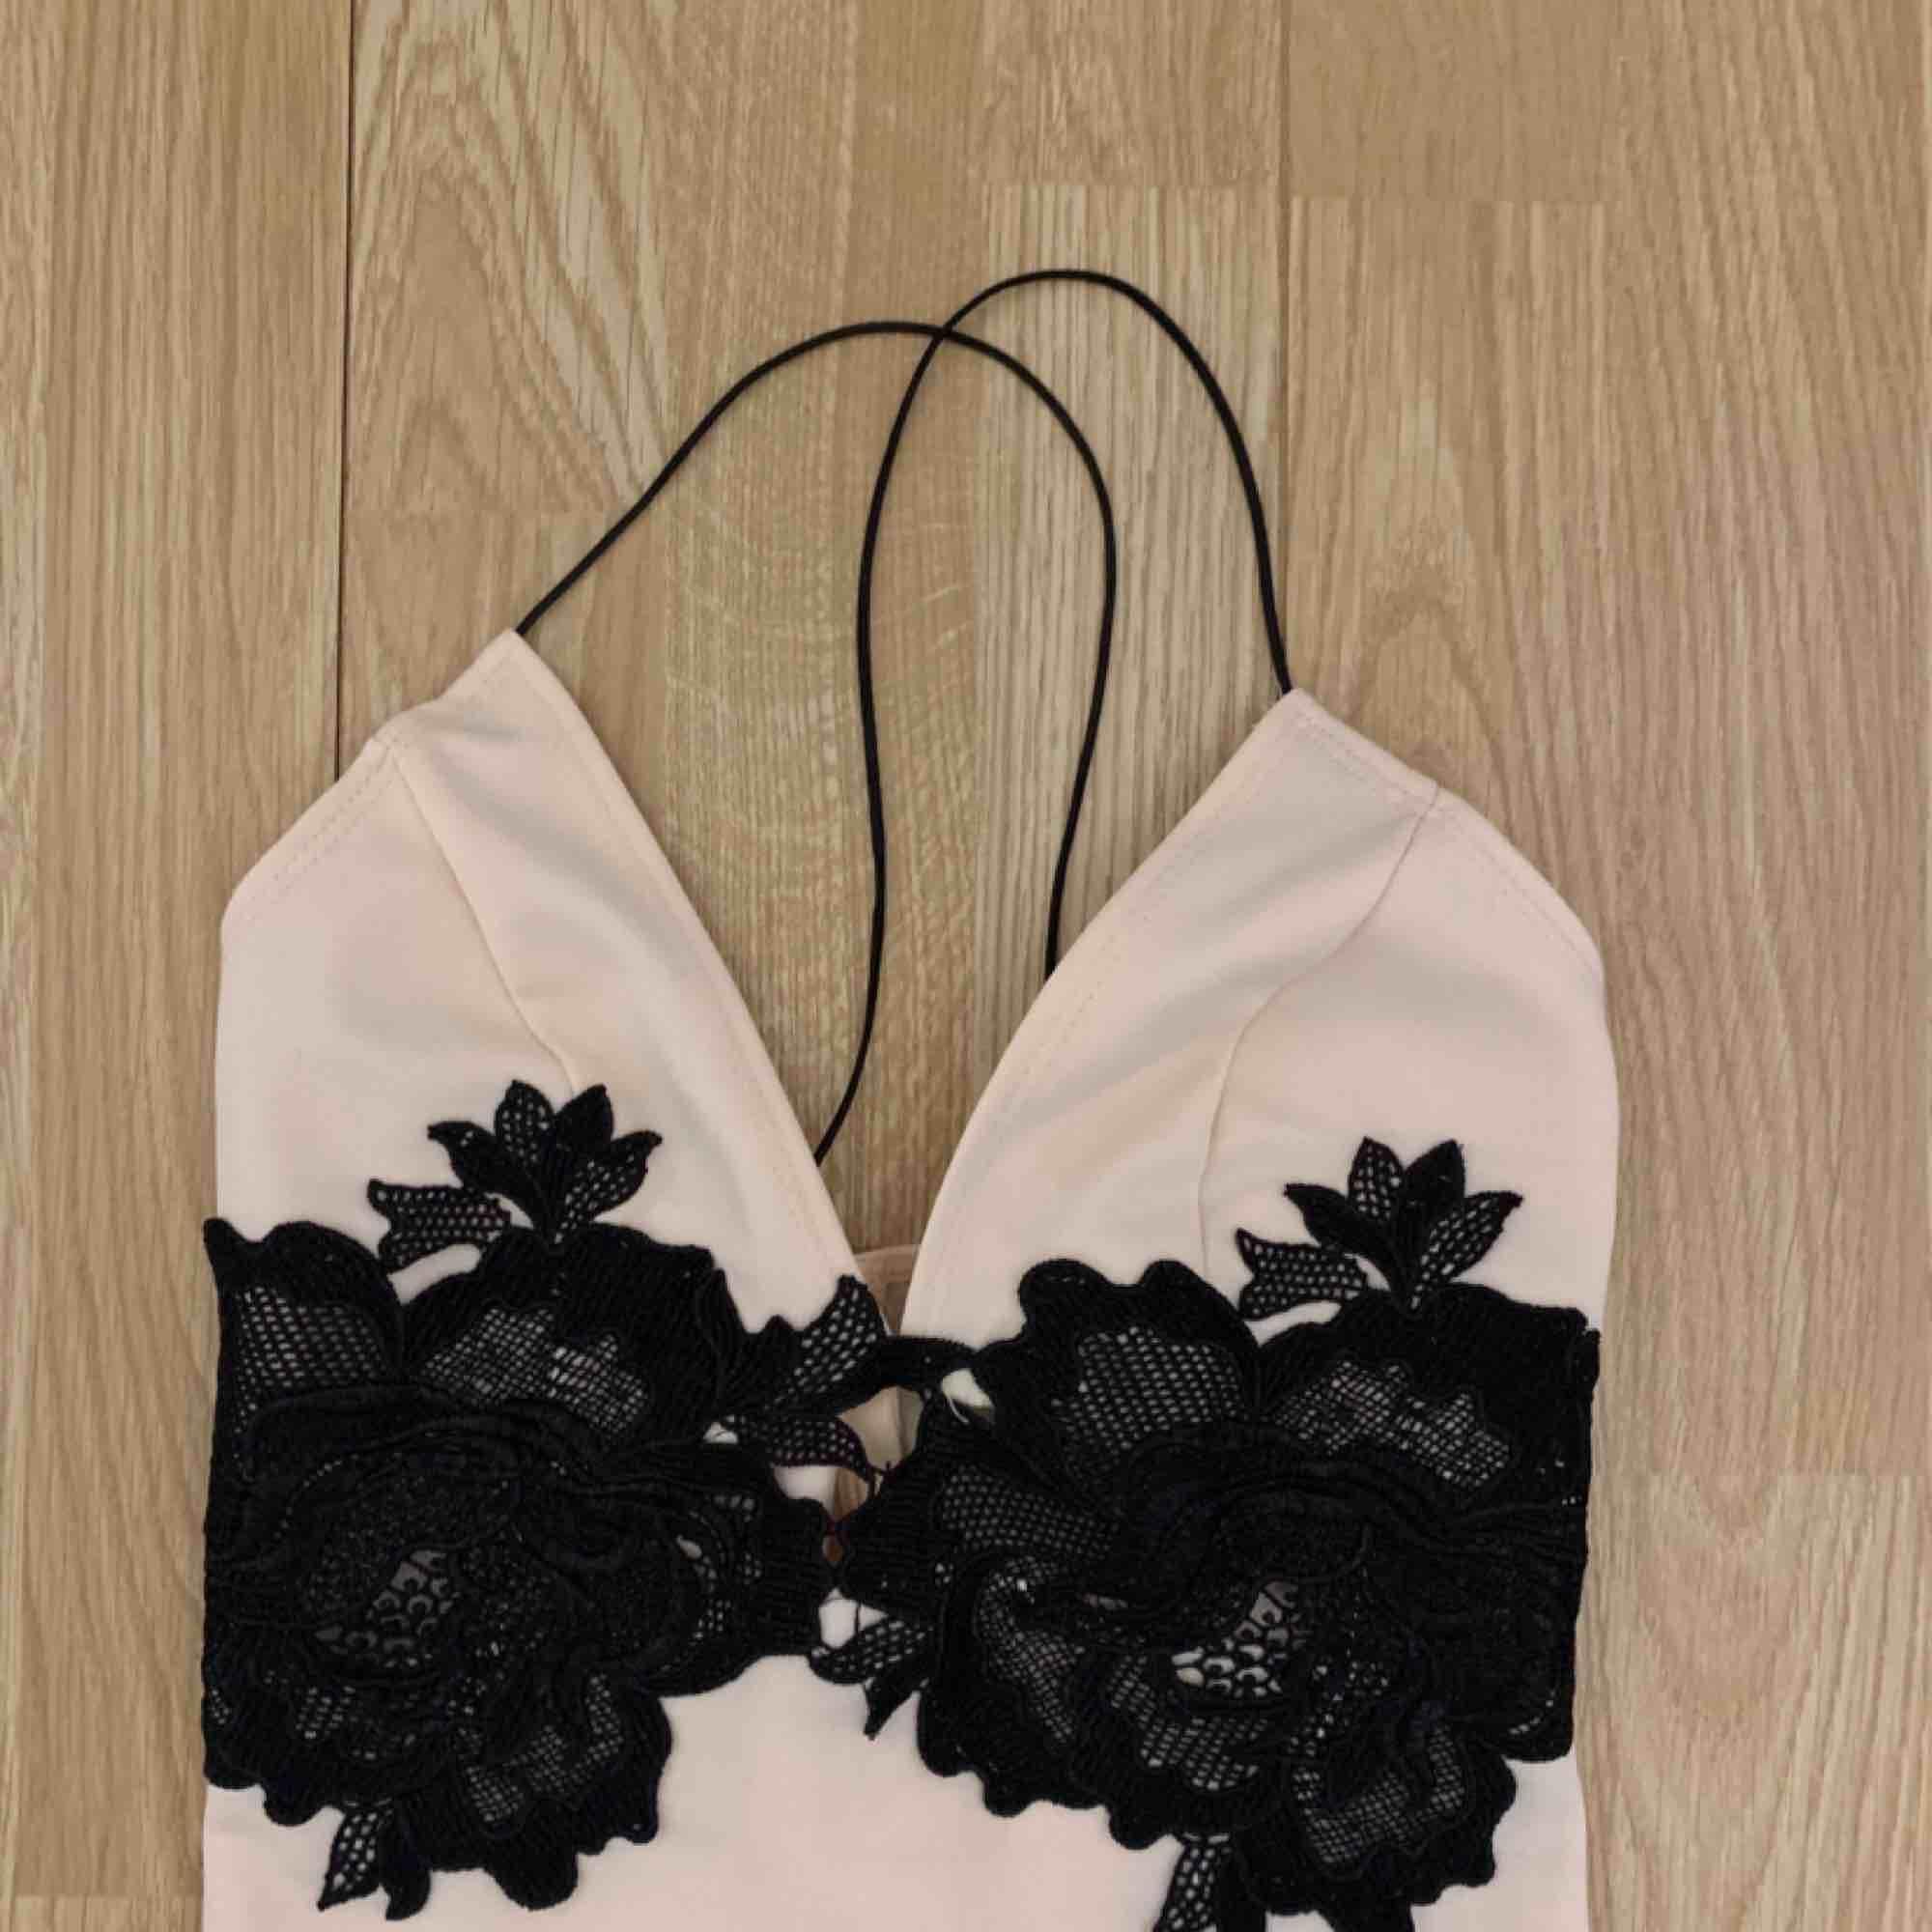 Ljusrosa kort klänning från NLY, fint skick förutom småfläckar bak.  Frakt kostar 42kr extra, postar med videobevis/bildbevis. Jag garanterar en snabb pålitlig affär!✨ ✖️Fraktar endast✖️. Klänningar.